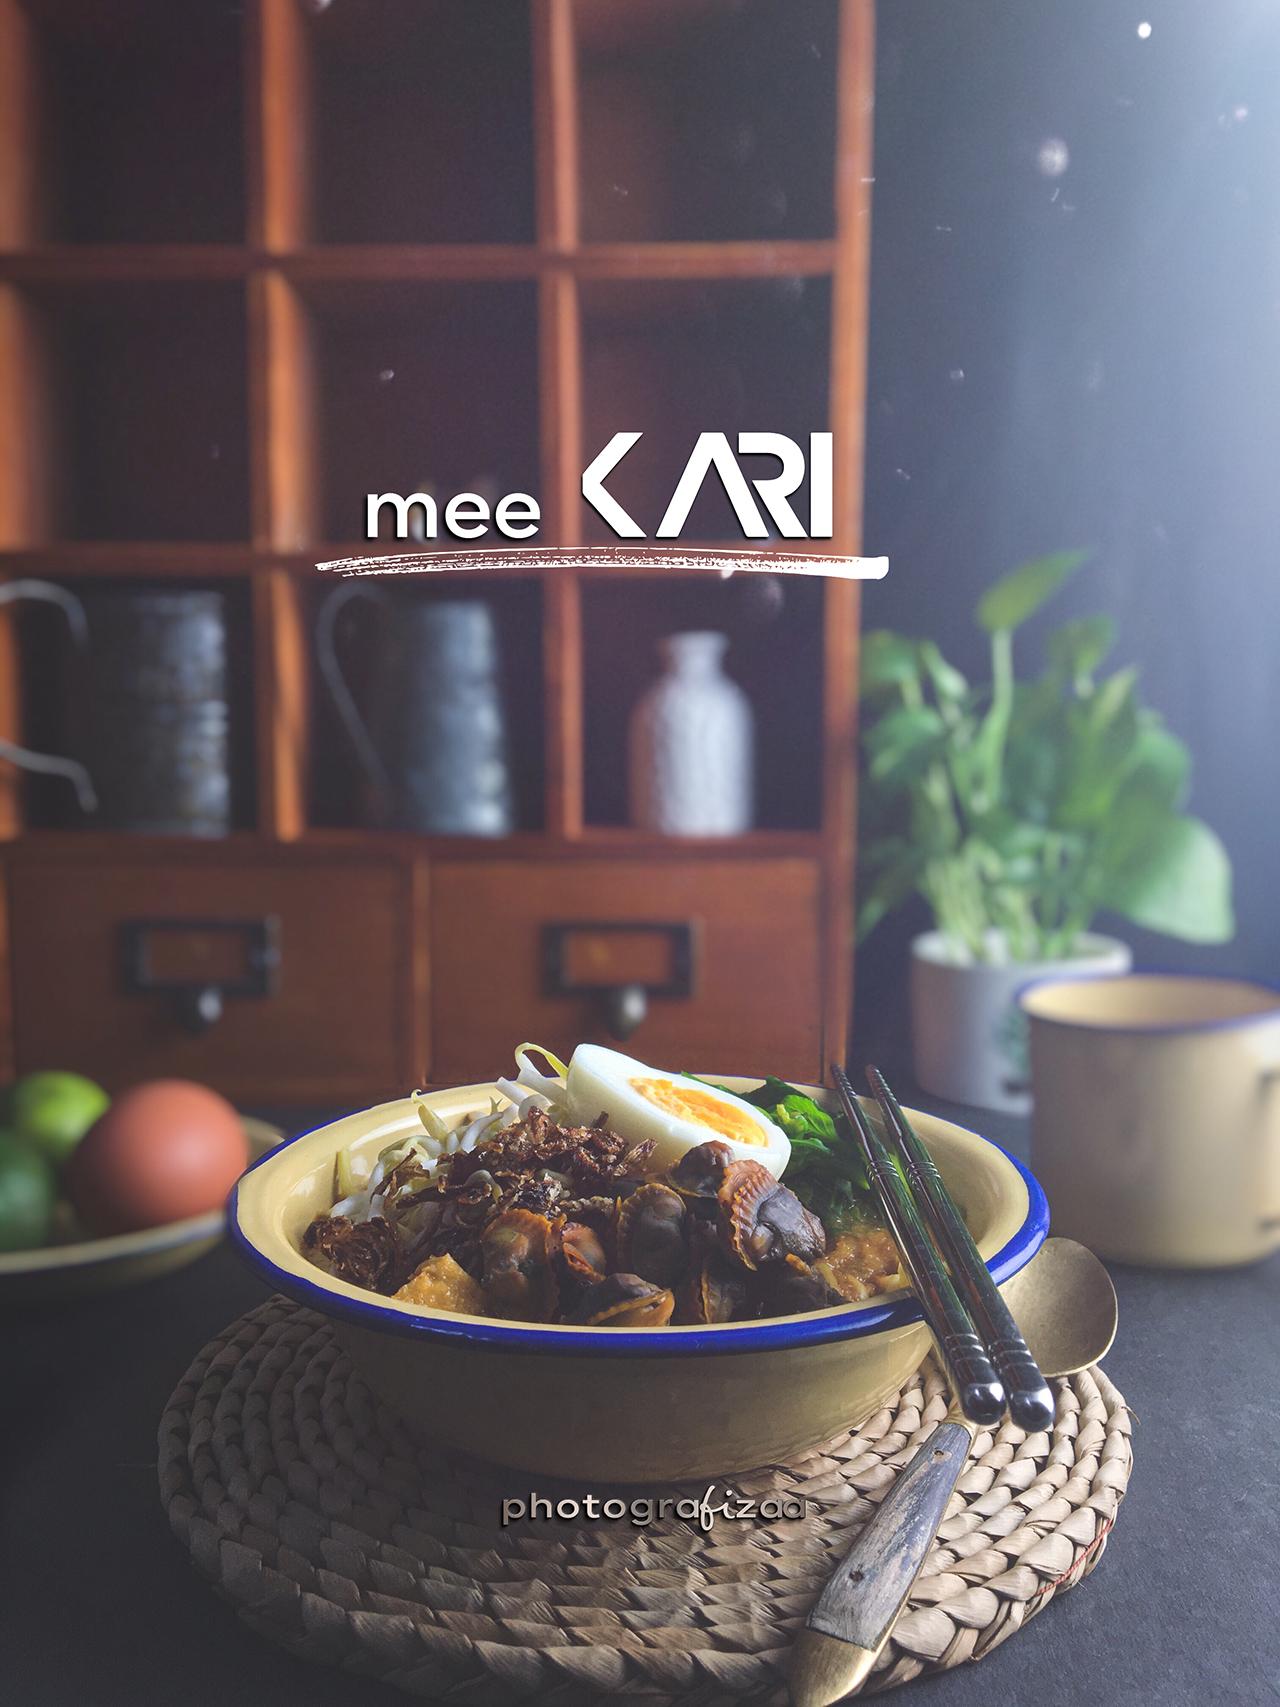 Resepi Mee Kari Masak Cara Fiza